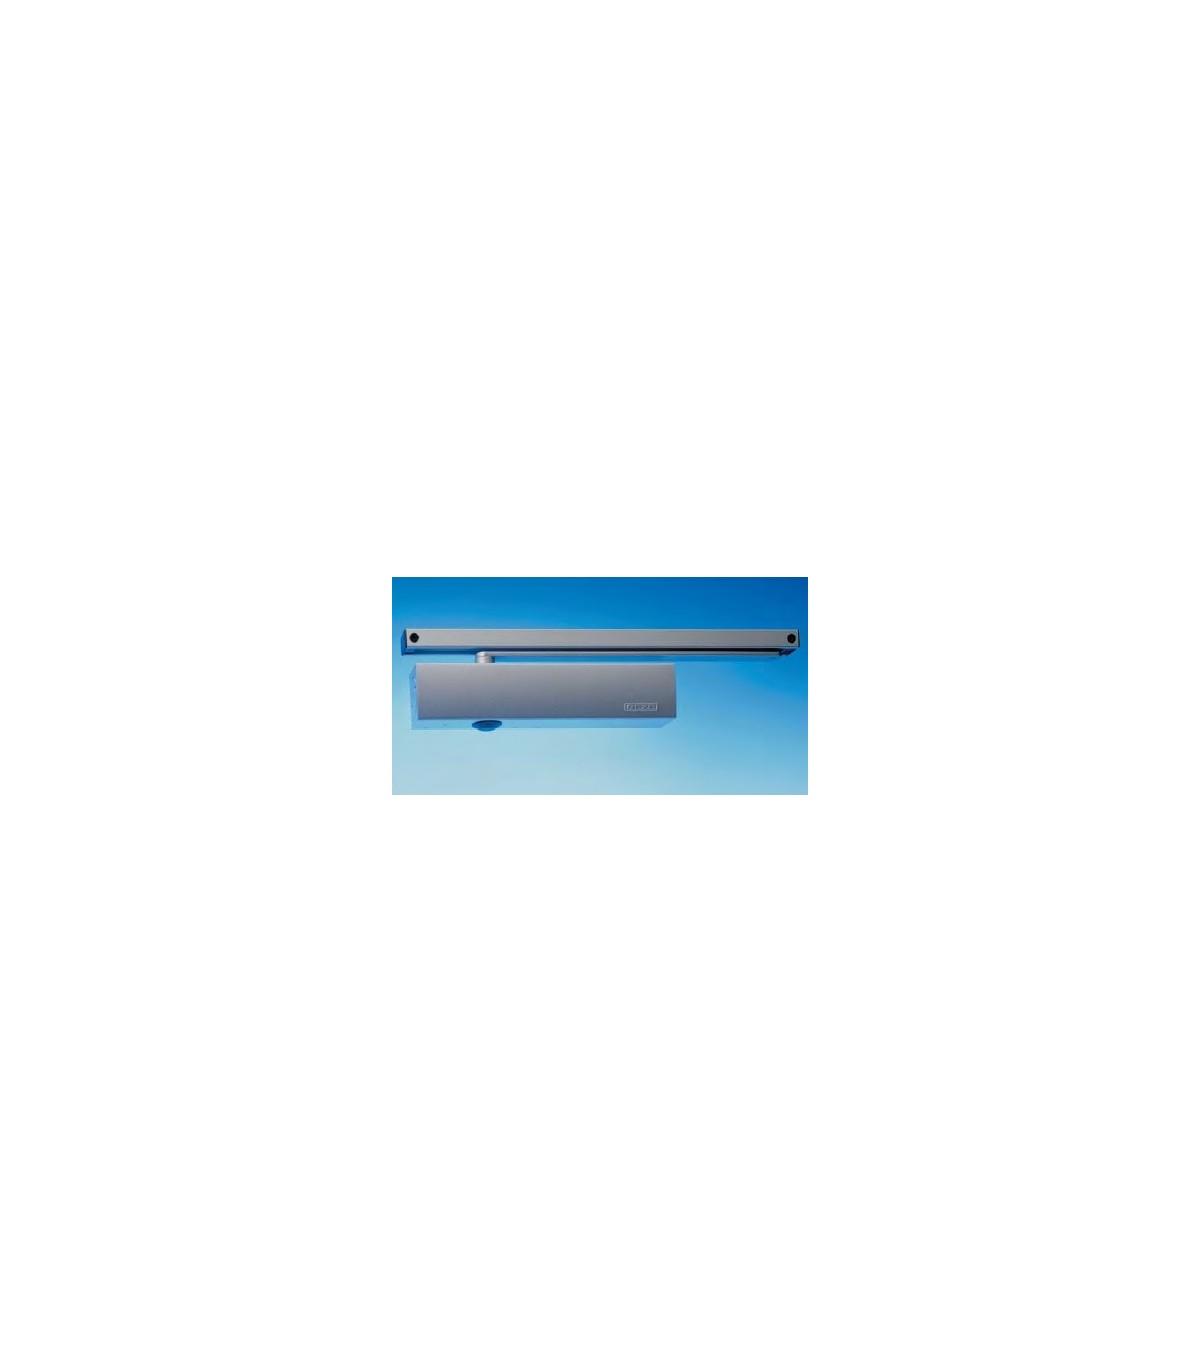 Geze TS 1500/ /Mecanismo cierrapuertas color blanco